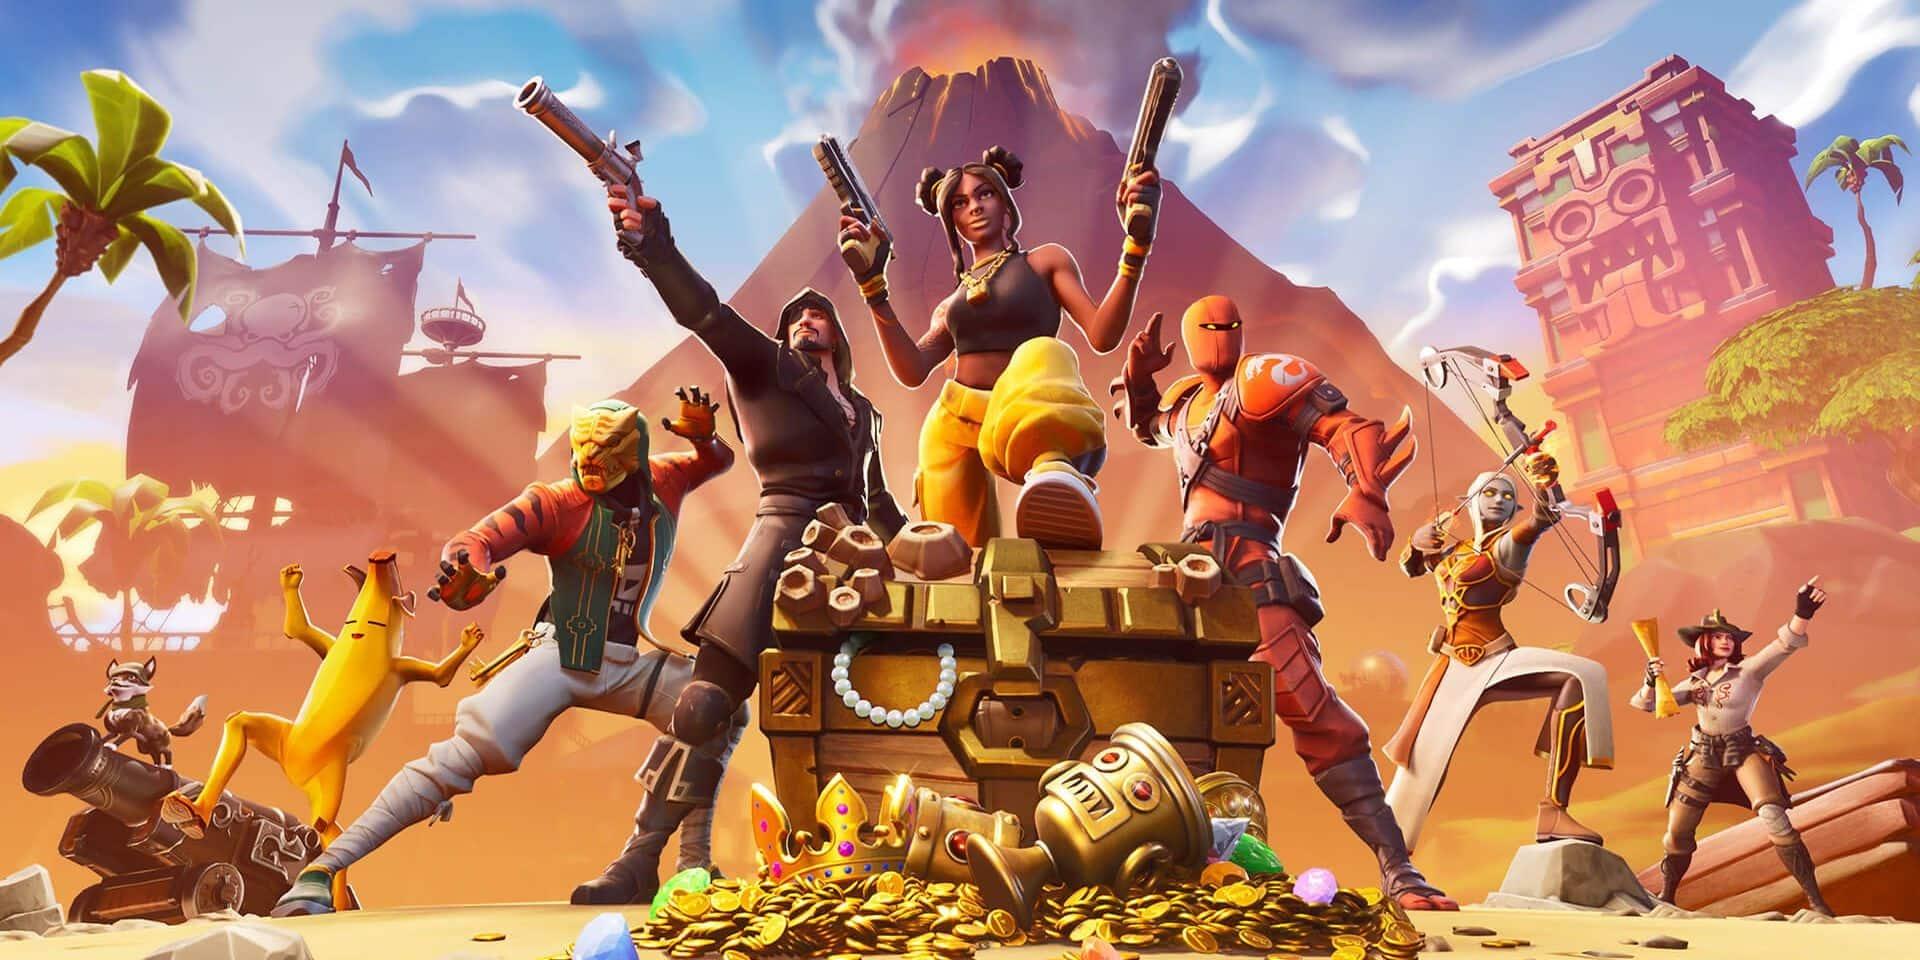 L'industrie du jeu vidéo rapporte deux fois plus que celle du cinéma et la musique… réunies !